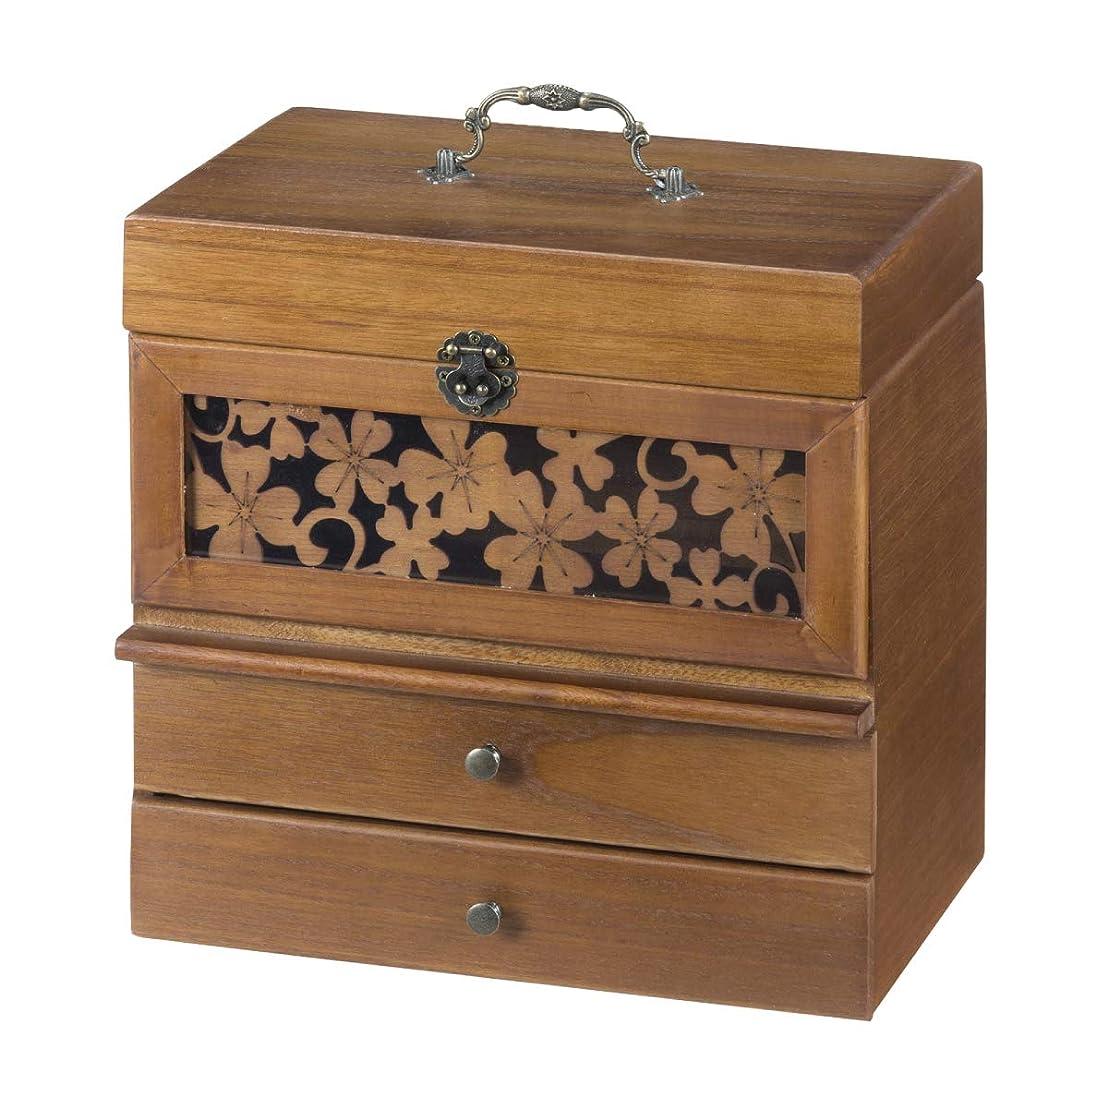 判決ディプロマ伝染性のコスメボックス メイクボックス メイク 収納 木製 切り絵風コスメボックス 奥行28cm KP-5500